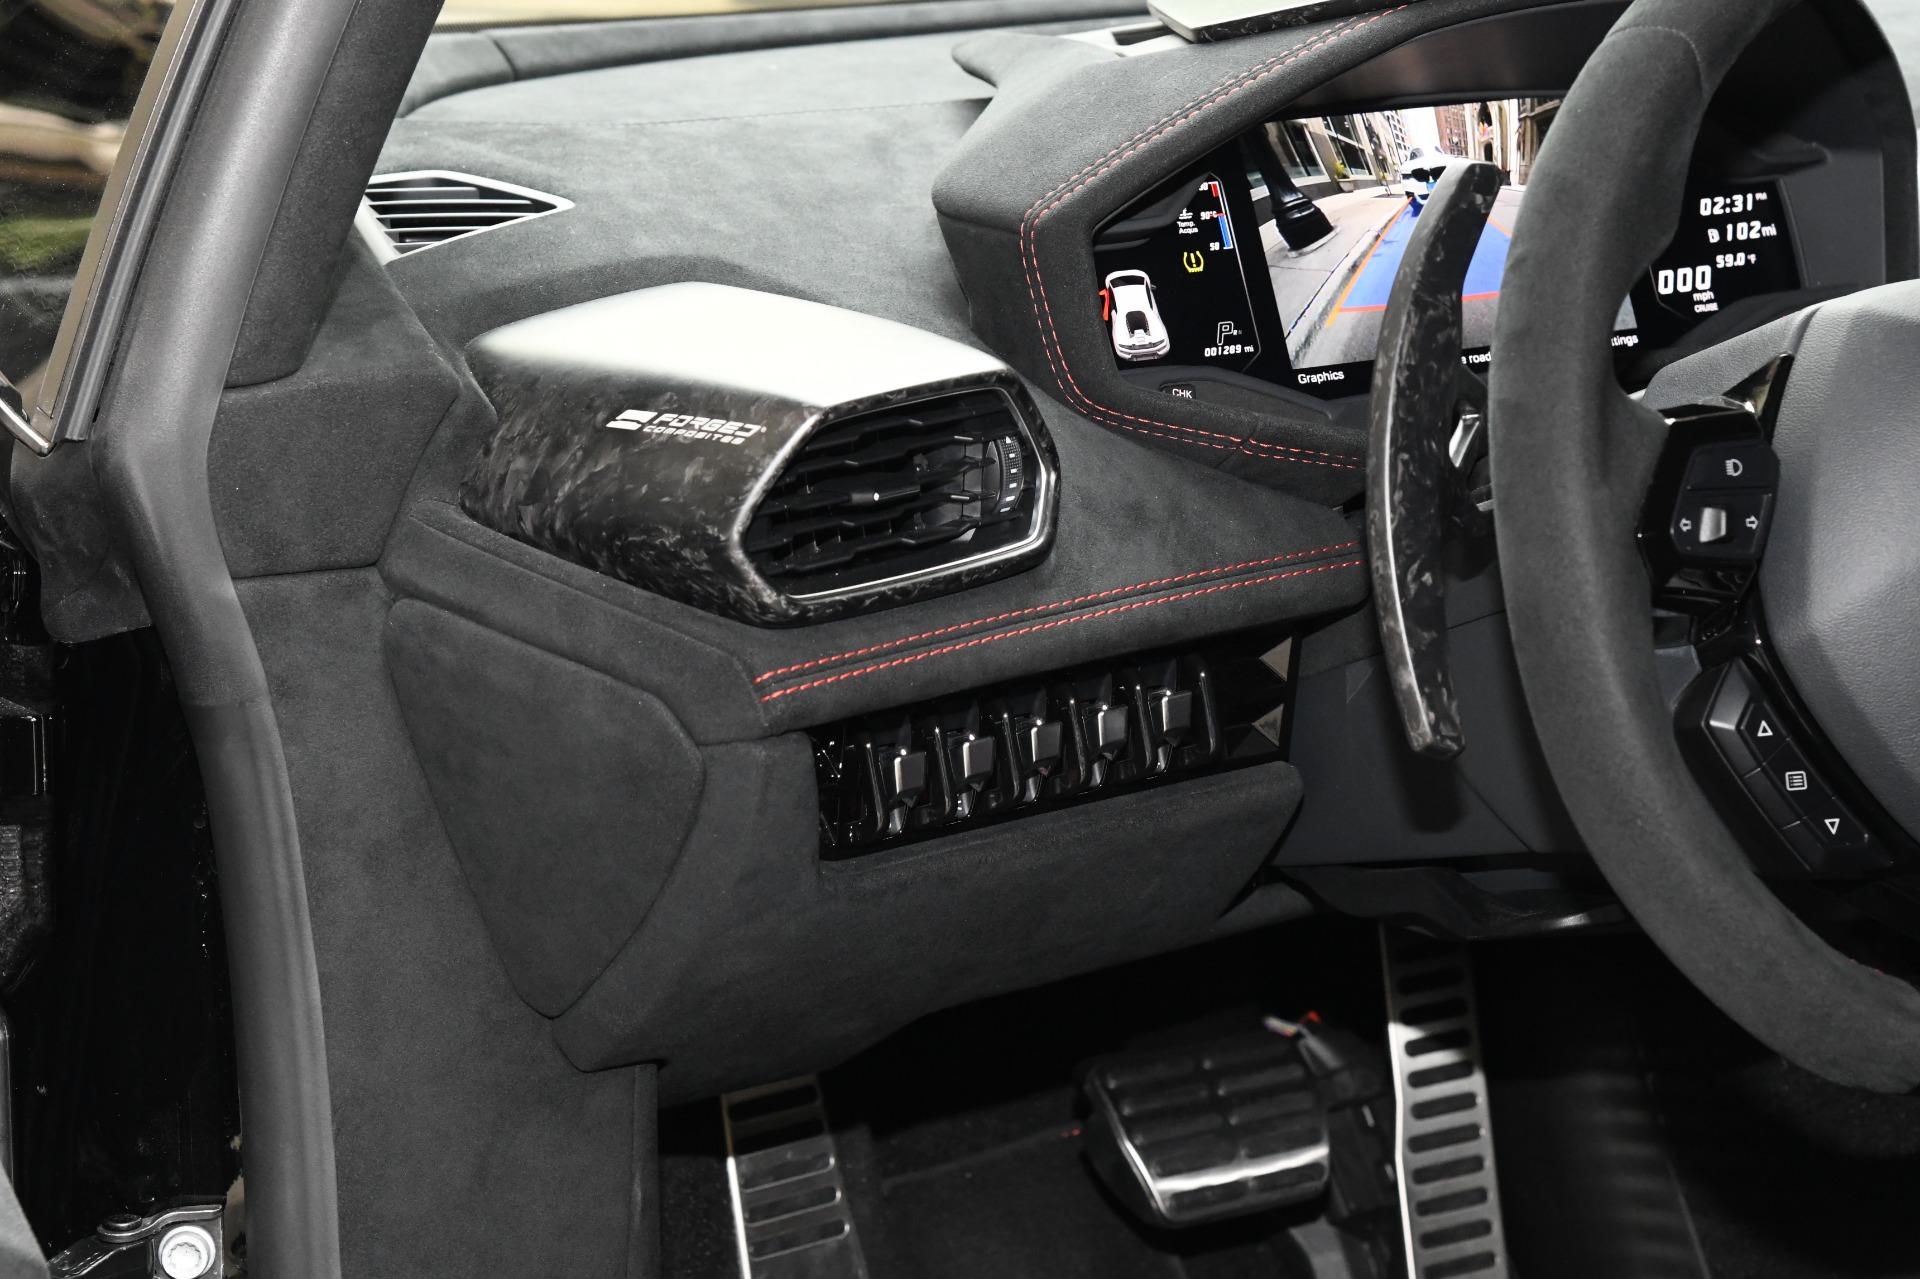 Used 2018 Lamborghini Huracan Performante LP 640-4 Performante   Chicago, IL